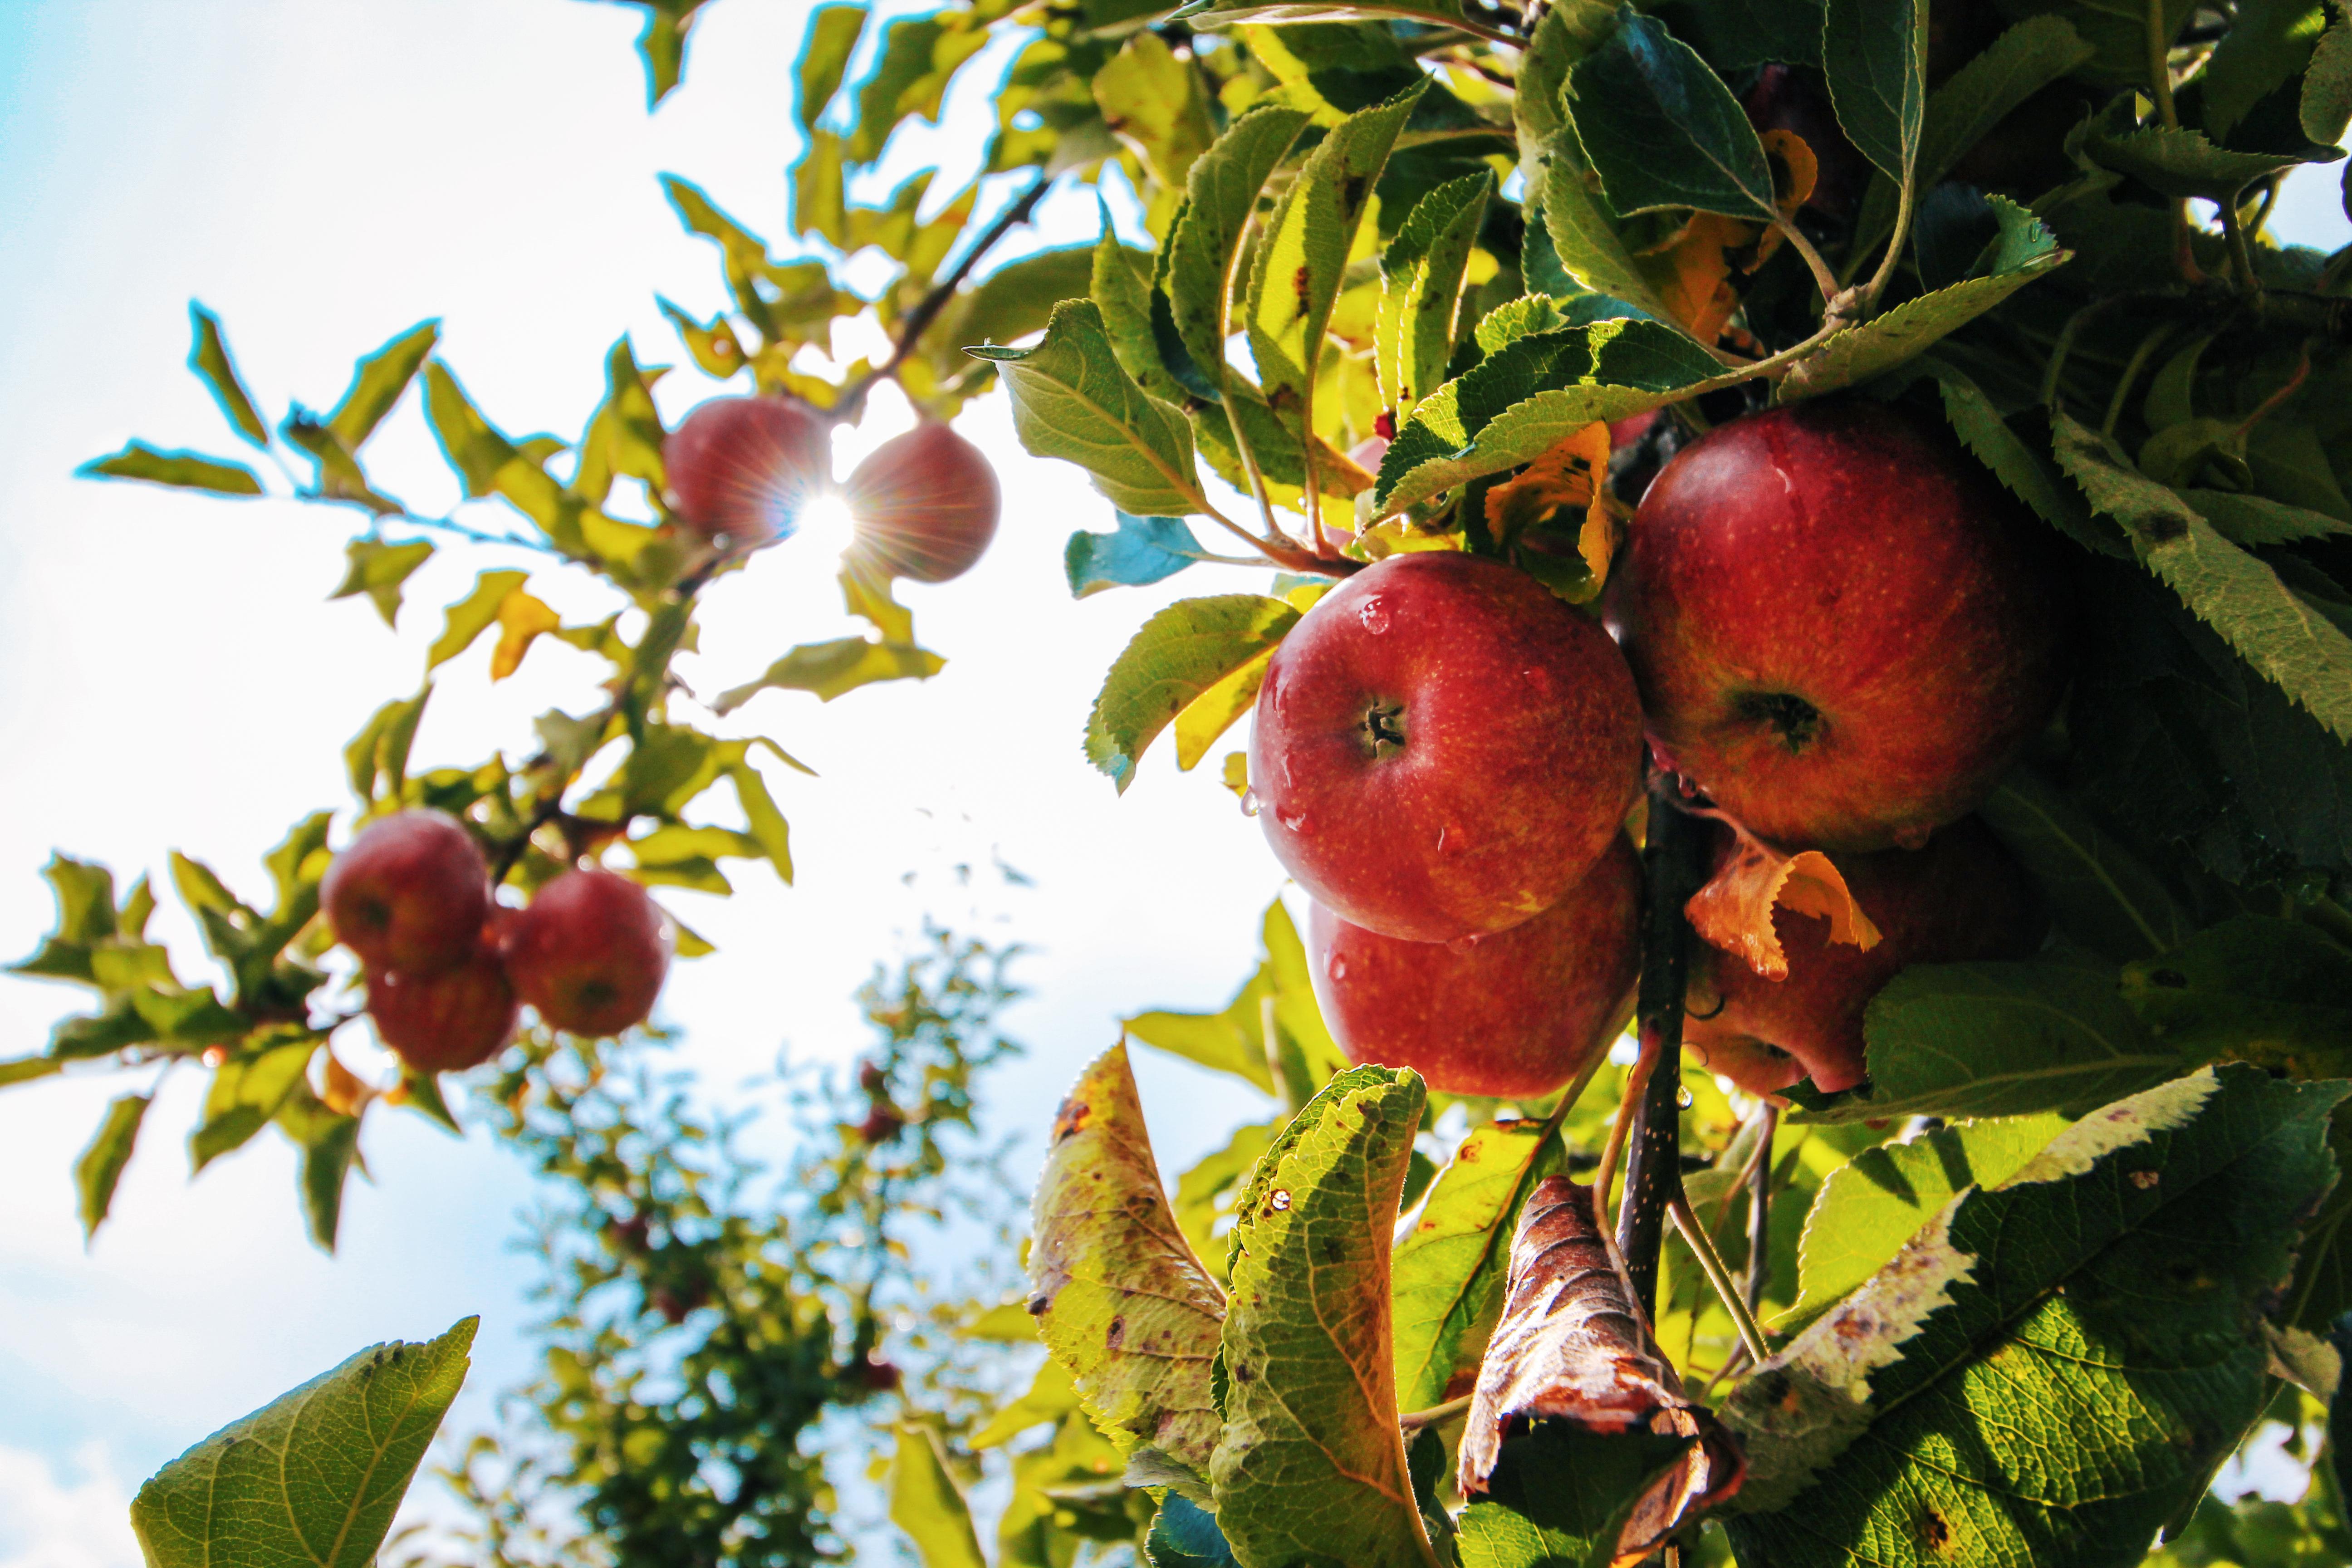 Mise de Fruits @ Place de la Grande salle, mise aux enchères de la production des arbres fruitiers communaux